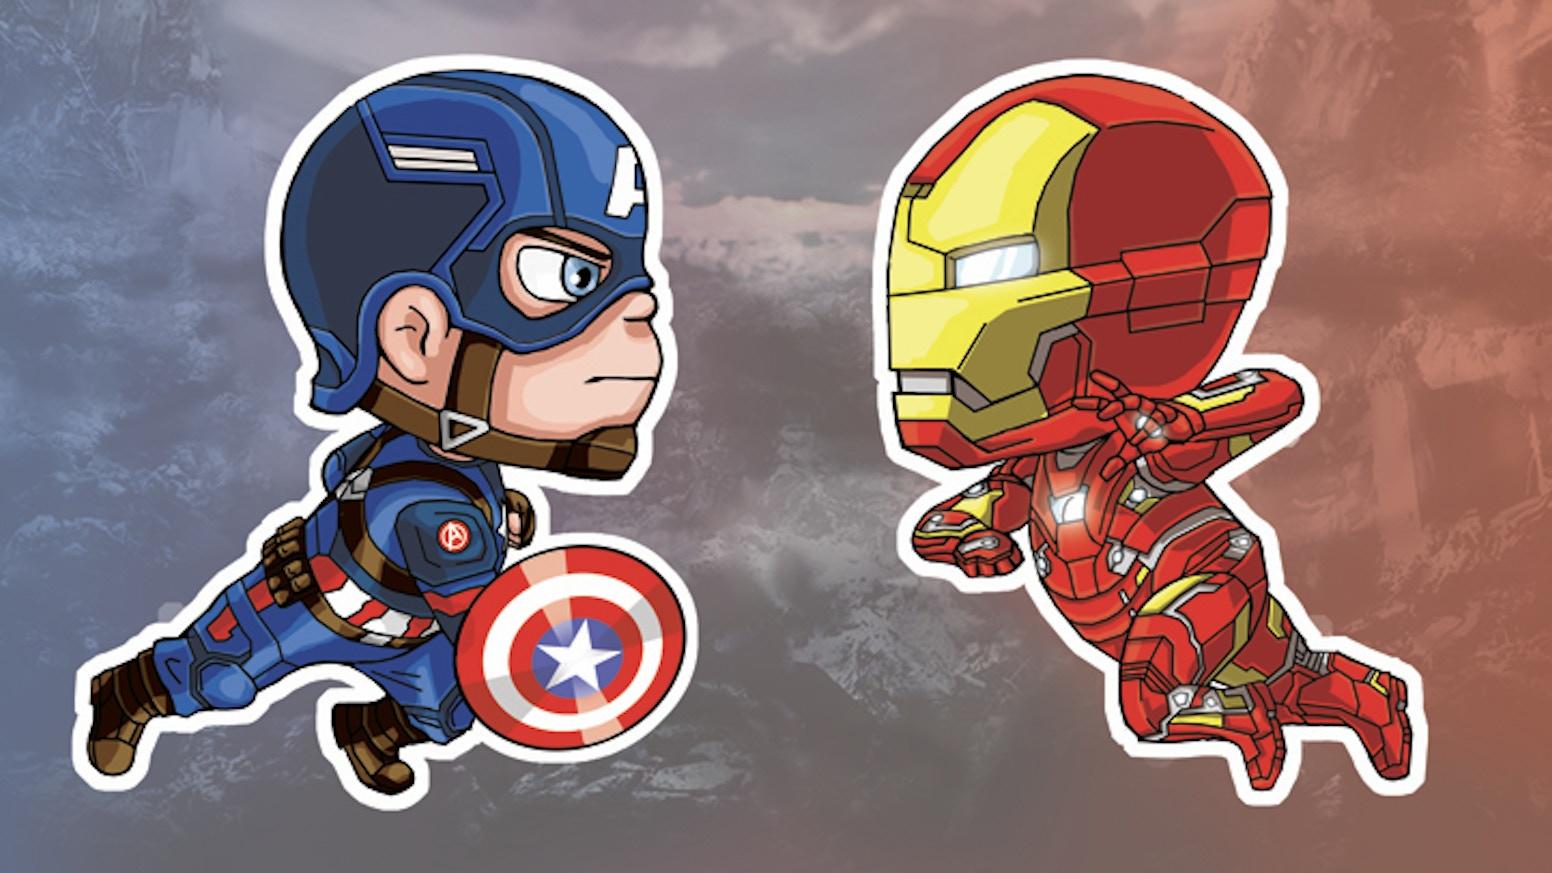 captain america vs iron man stickers by la nonna kickstarter